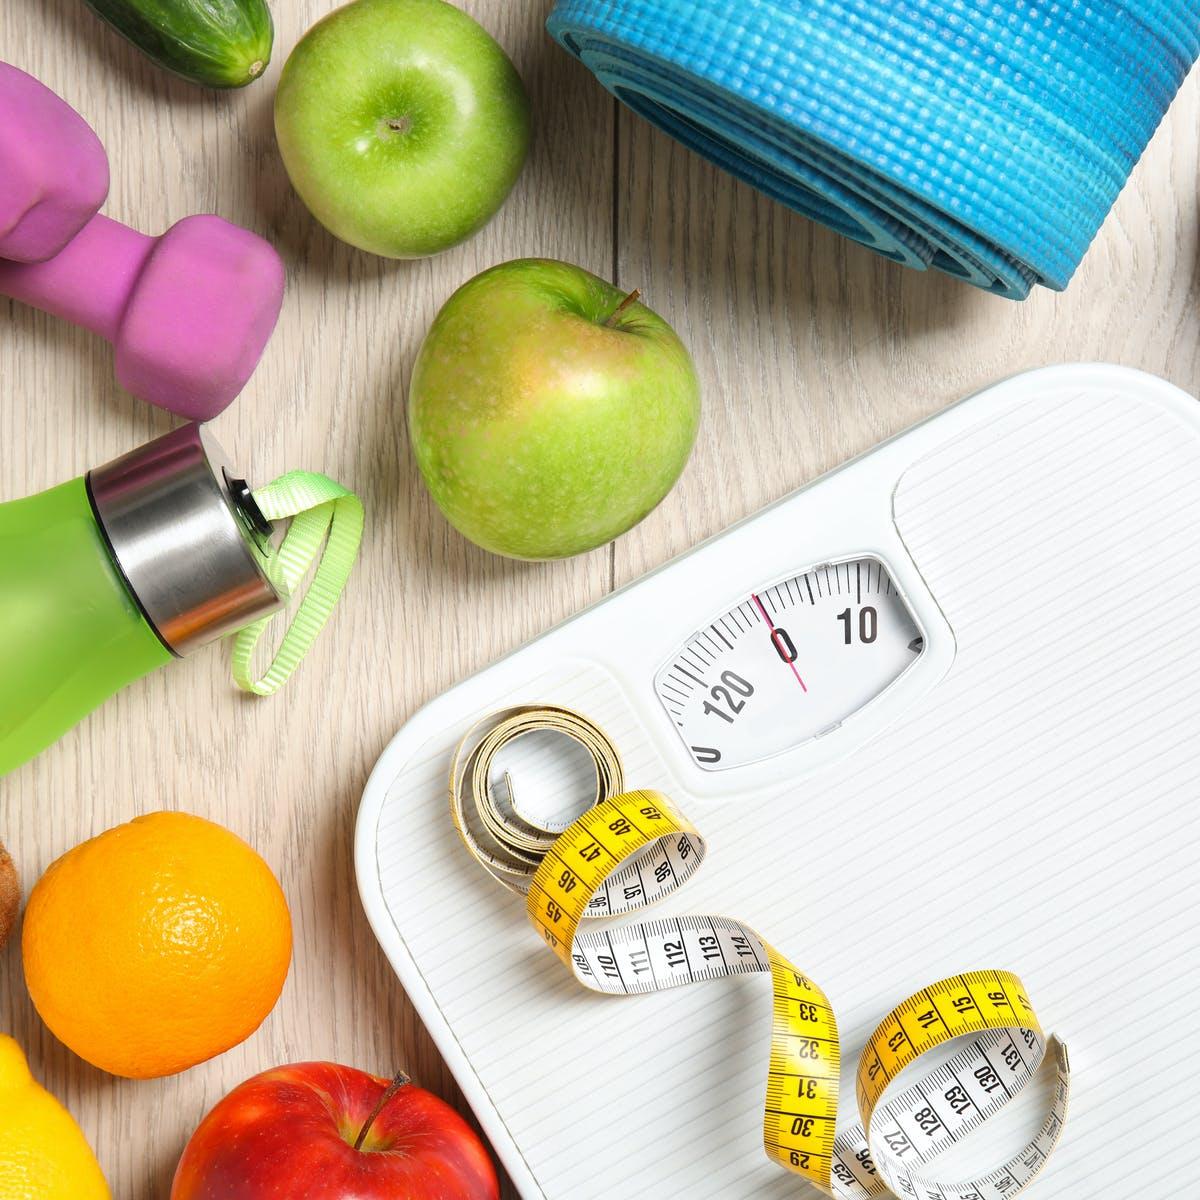 35 راز کاهش وزن راحت بعد 40 سالگی